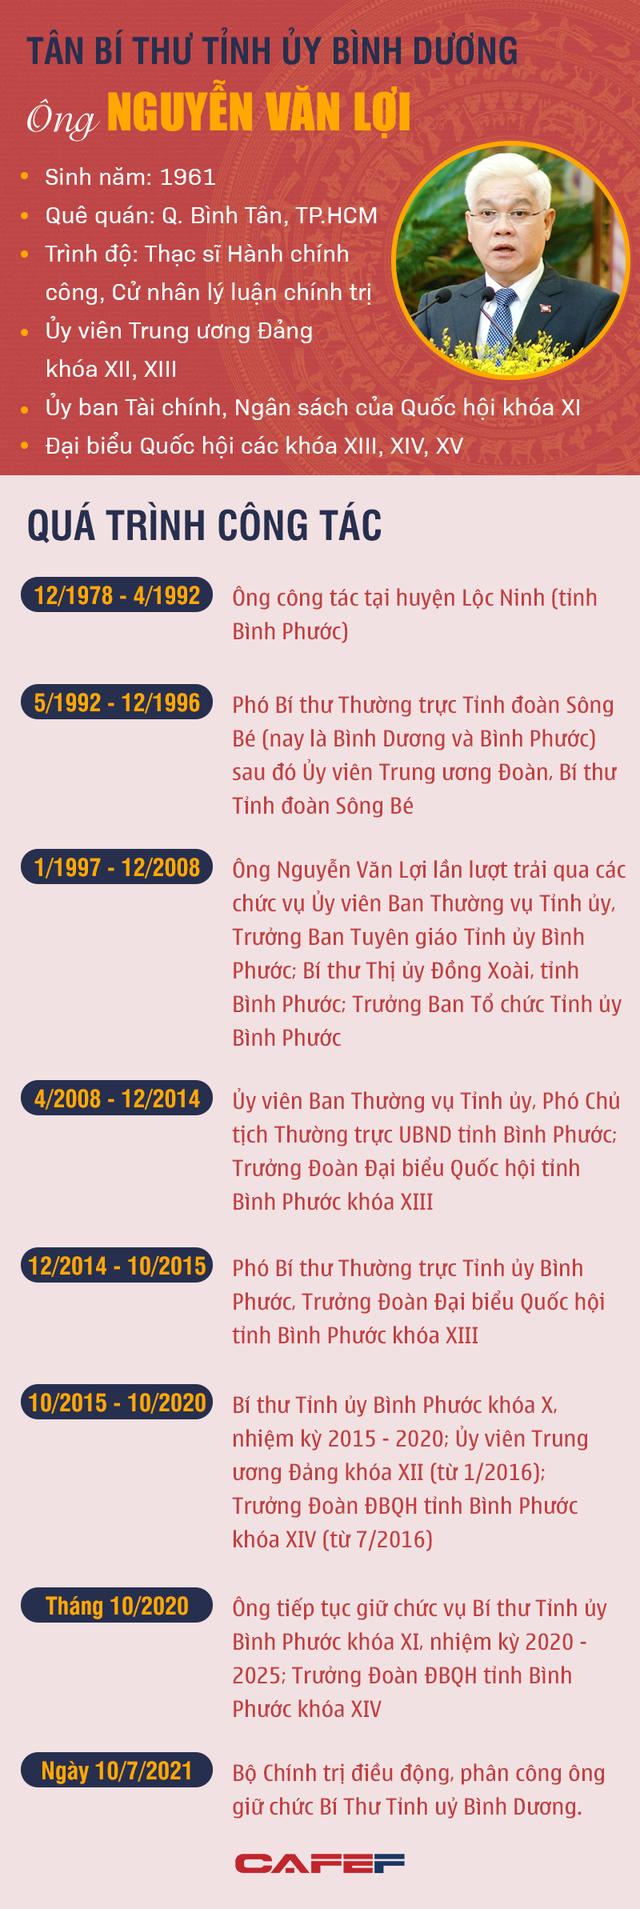 Chân dung tân Bí thư Tỉnh ủy Bình Dương Nguyễn Văn Lợi - Ảnh 1.